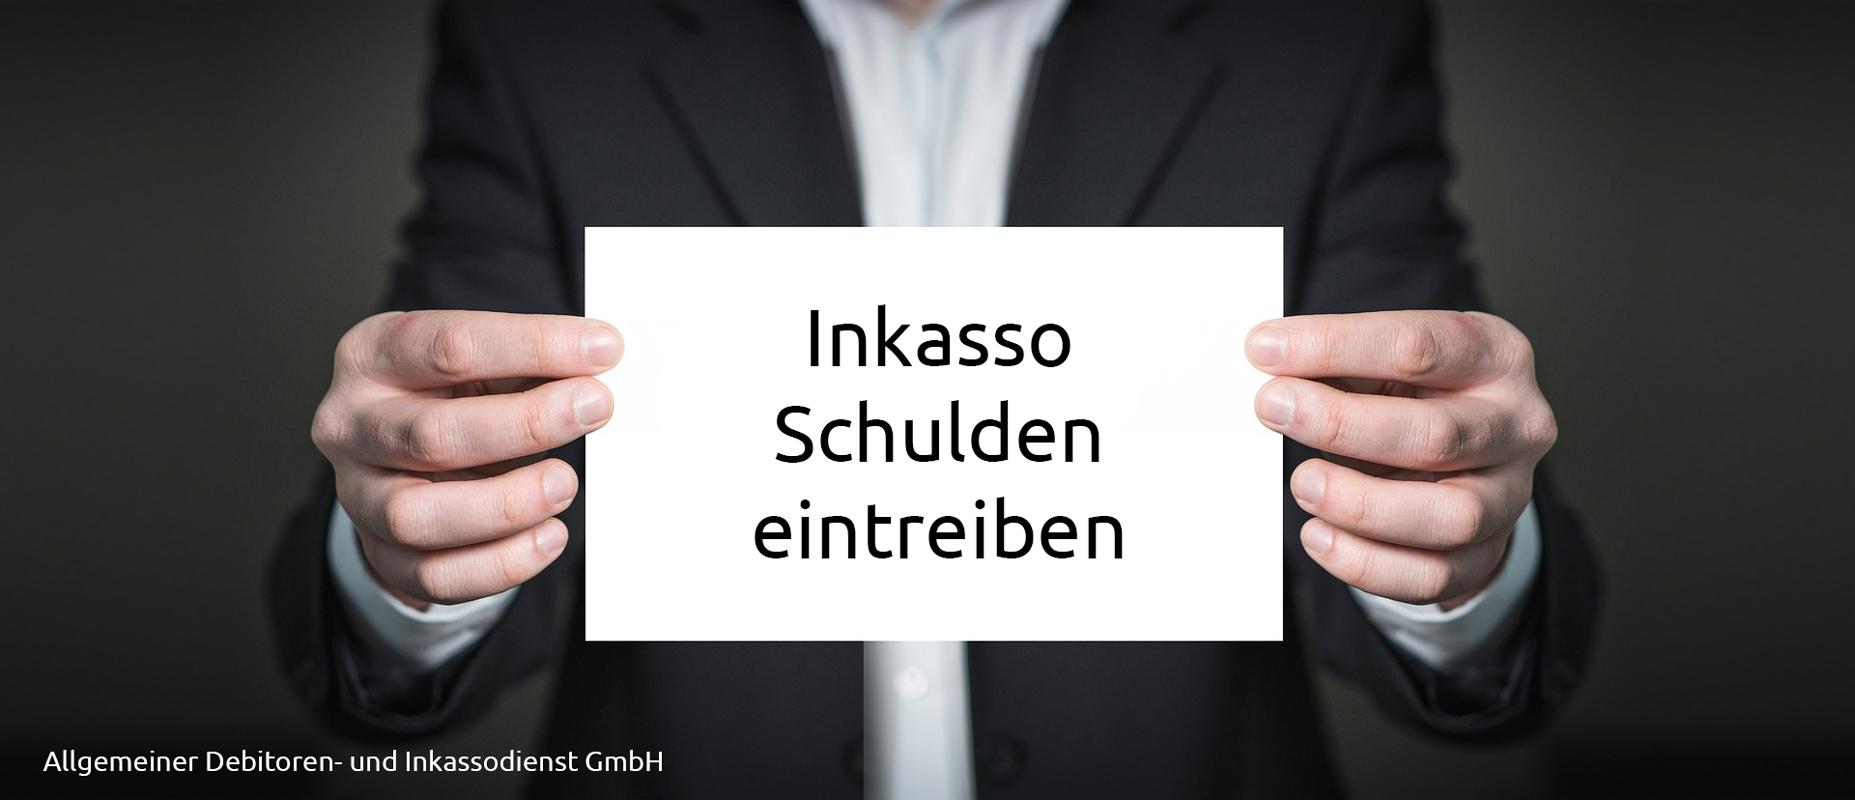 Allgemeiner-Debitoren-und-Inkassodienst-GmbH-Schulden-eintreiben